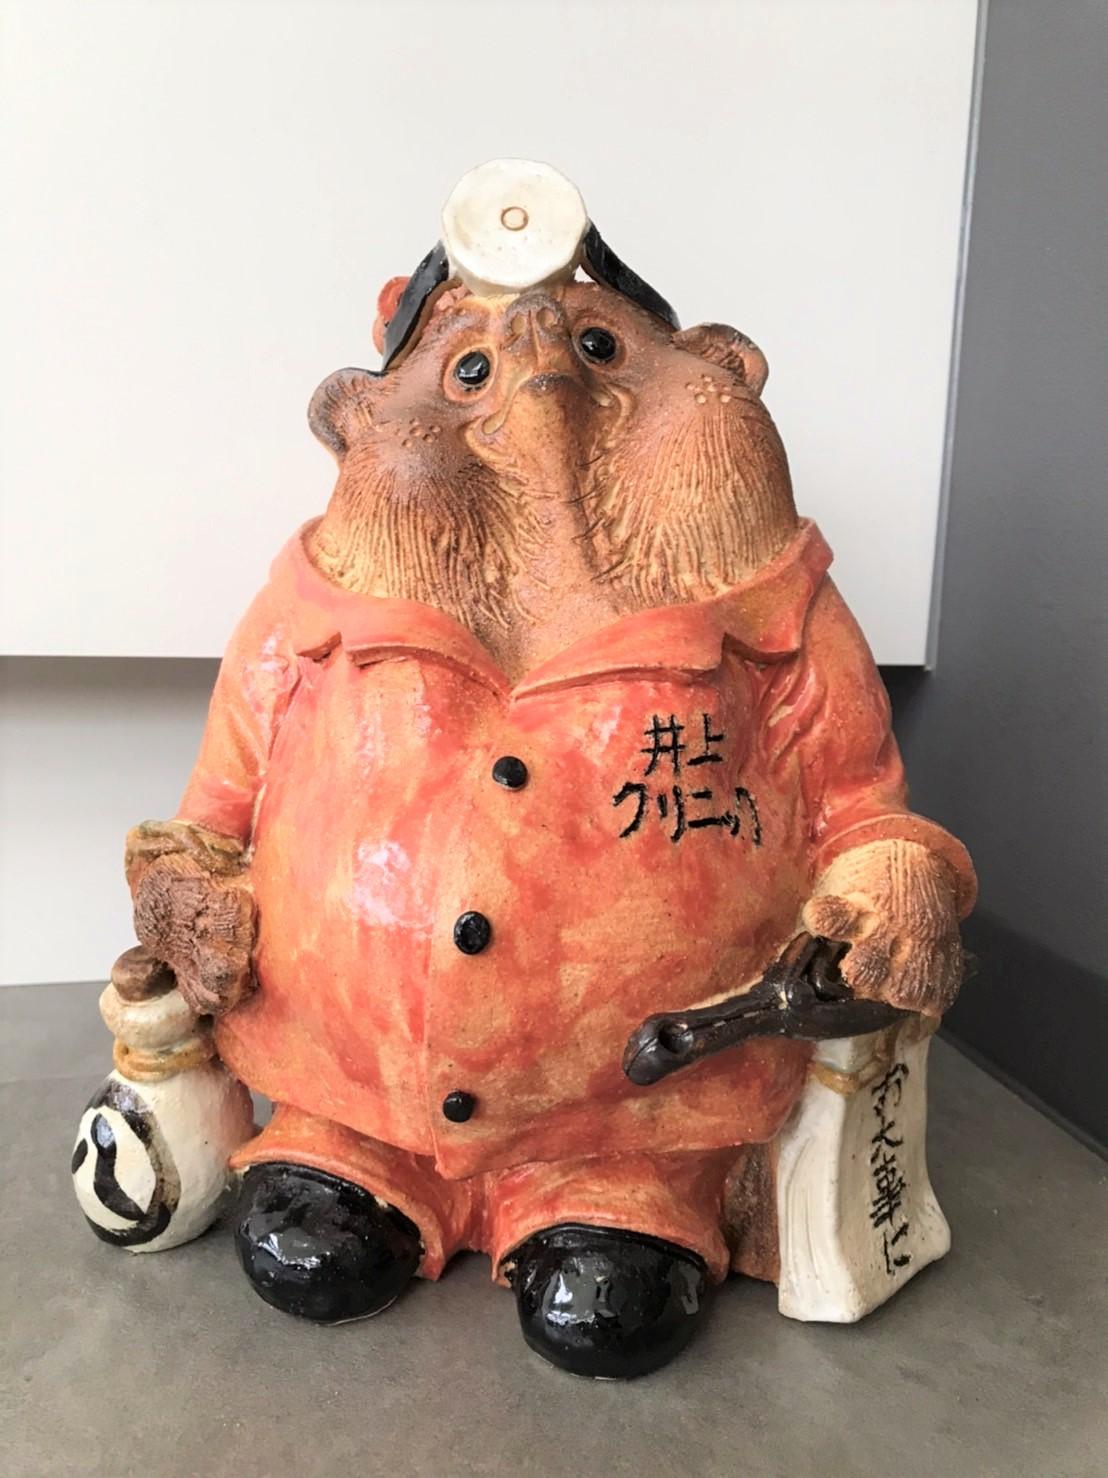 耳鼻科医の格好をしたオリジナルの信楽焼の狸の写真